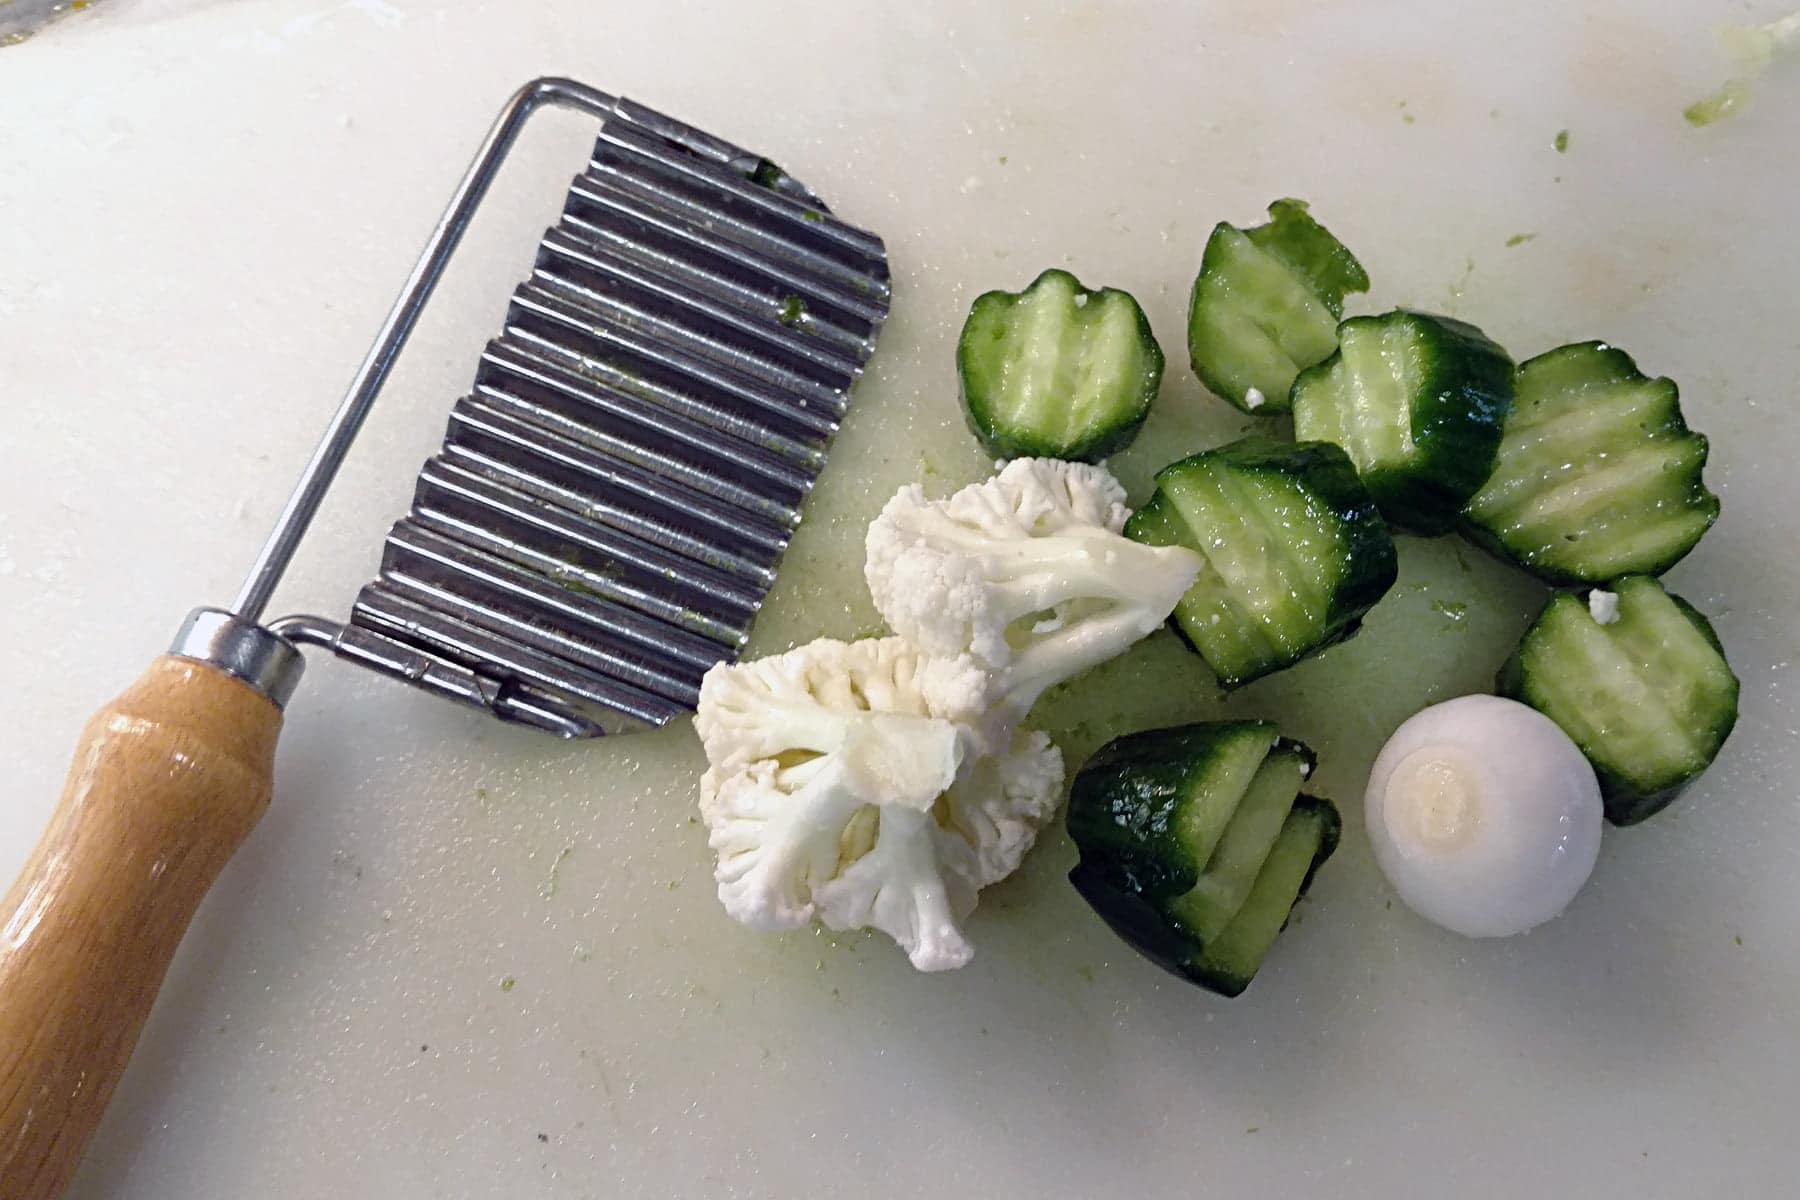 Cauliflower, wavy sliced cucumbers, and a wavy cutter, on a cutting board.